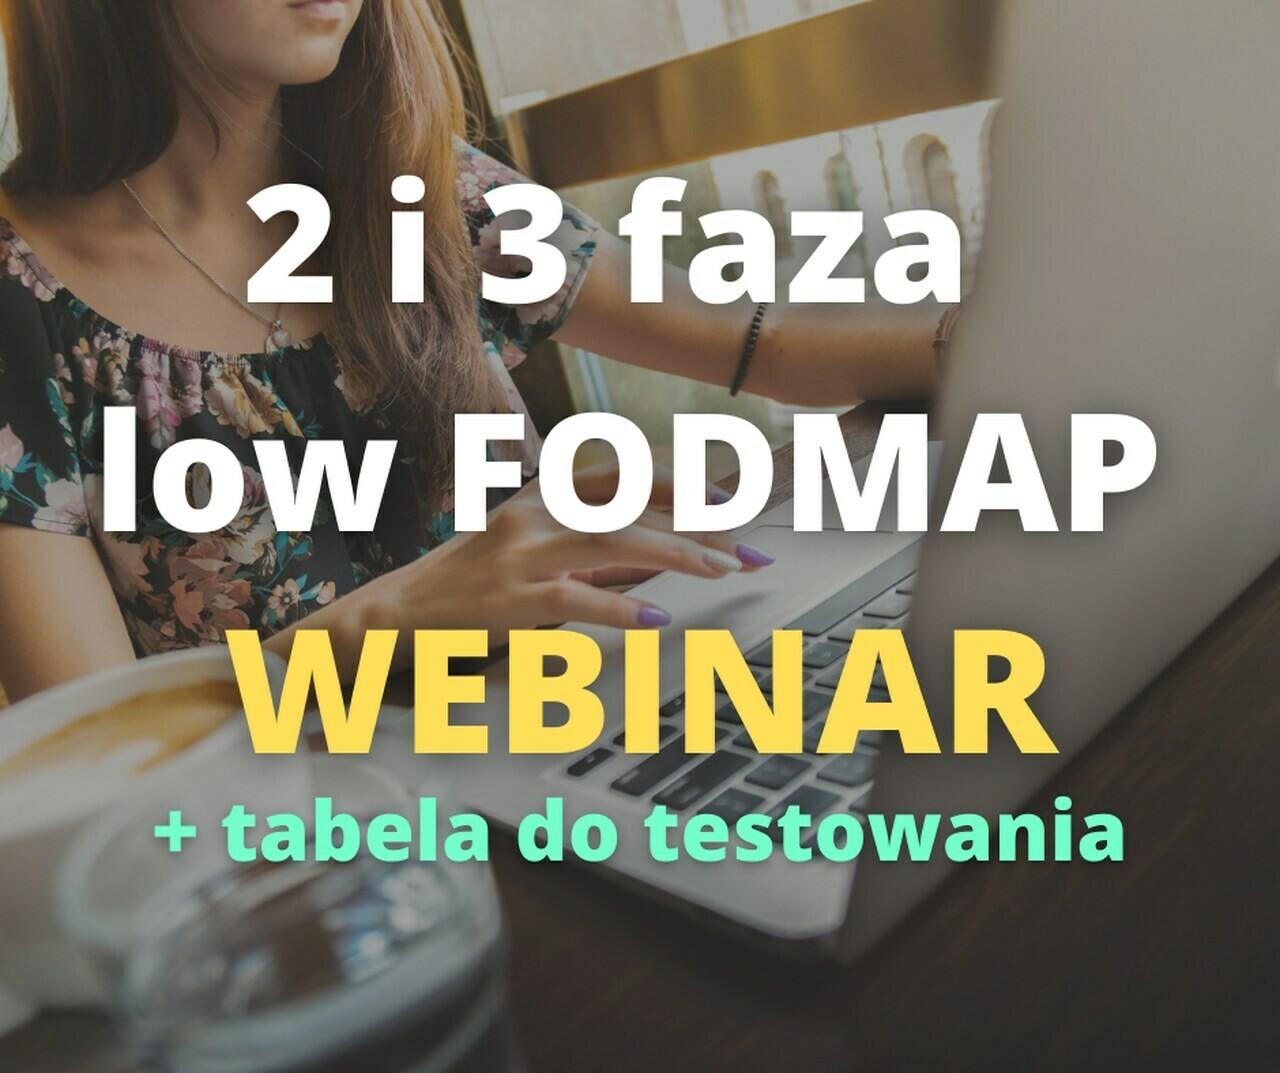 Dieta przy IBS i SIBO- low FODMAP 2 i 3 faza - WEBINAR (15 lutego godz. 19:00) - promocja